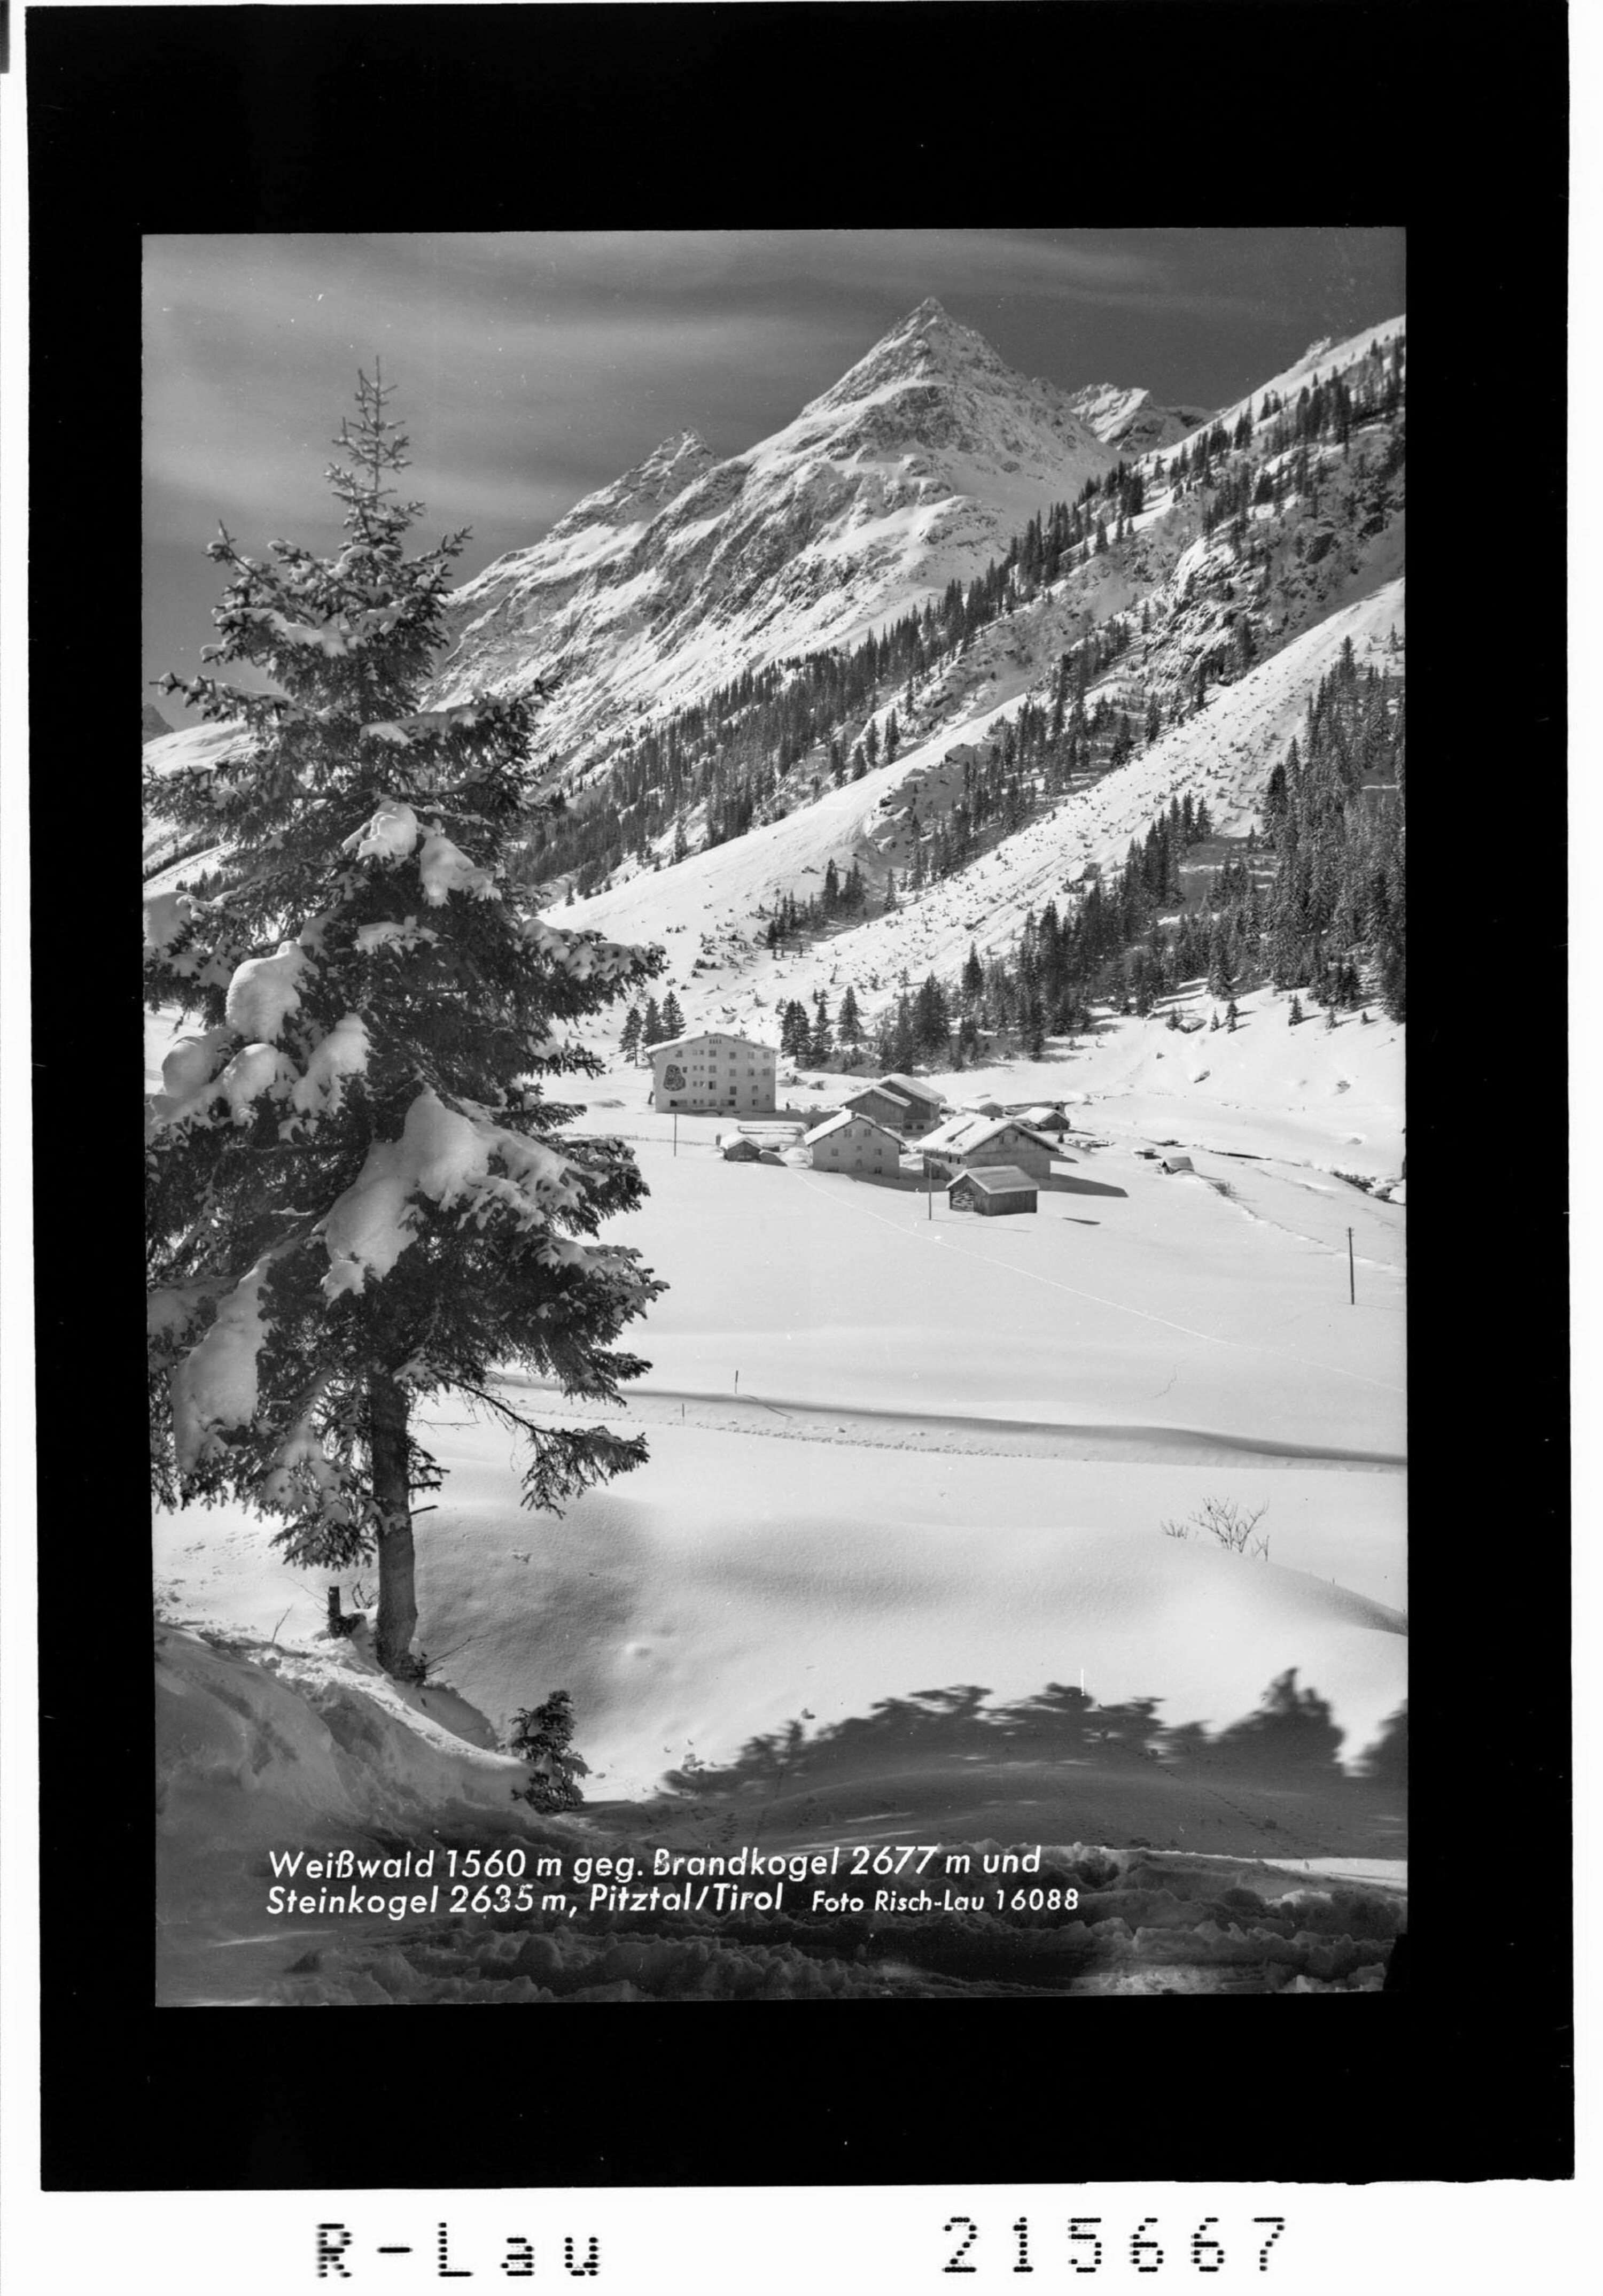 Weisswald 1560 gegen Brandkogel 2677 m und Steinkogel 2635 m, Pitztal / Tirol von Risch-Lau